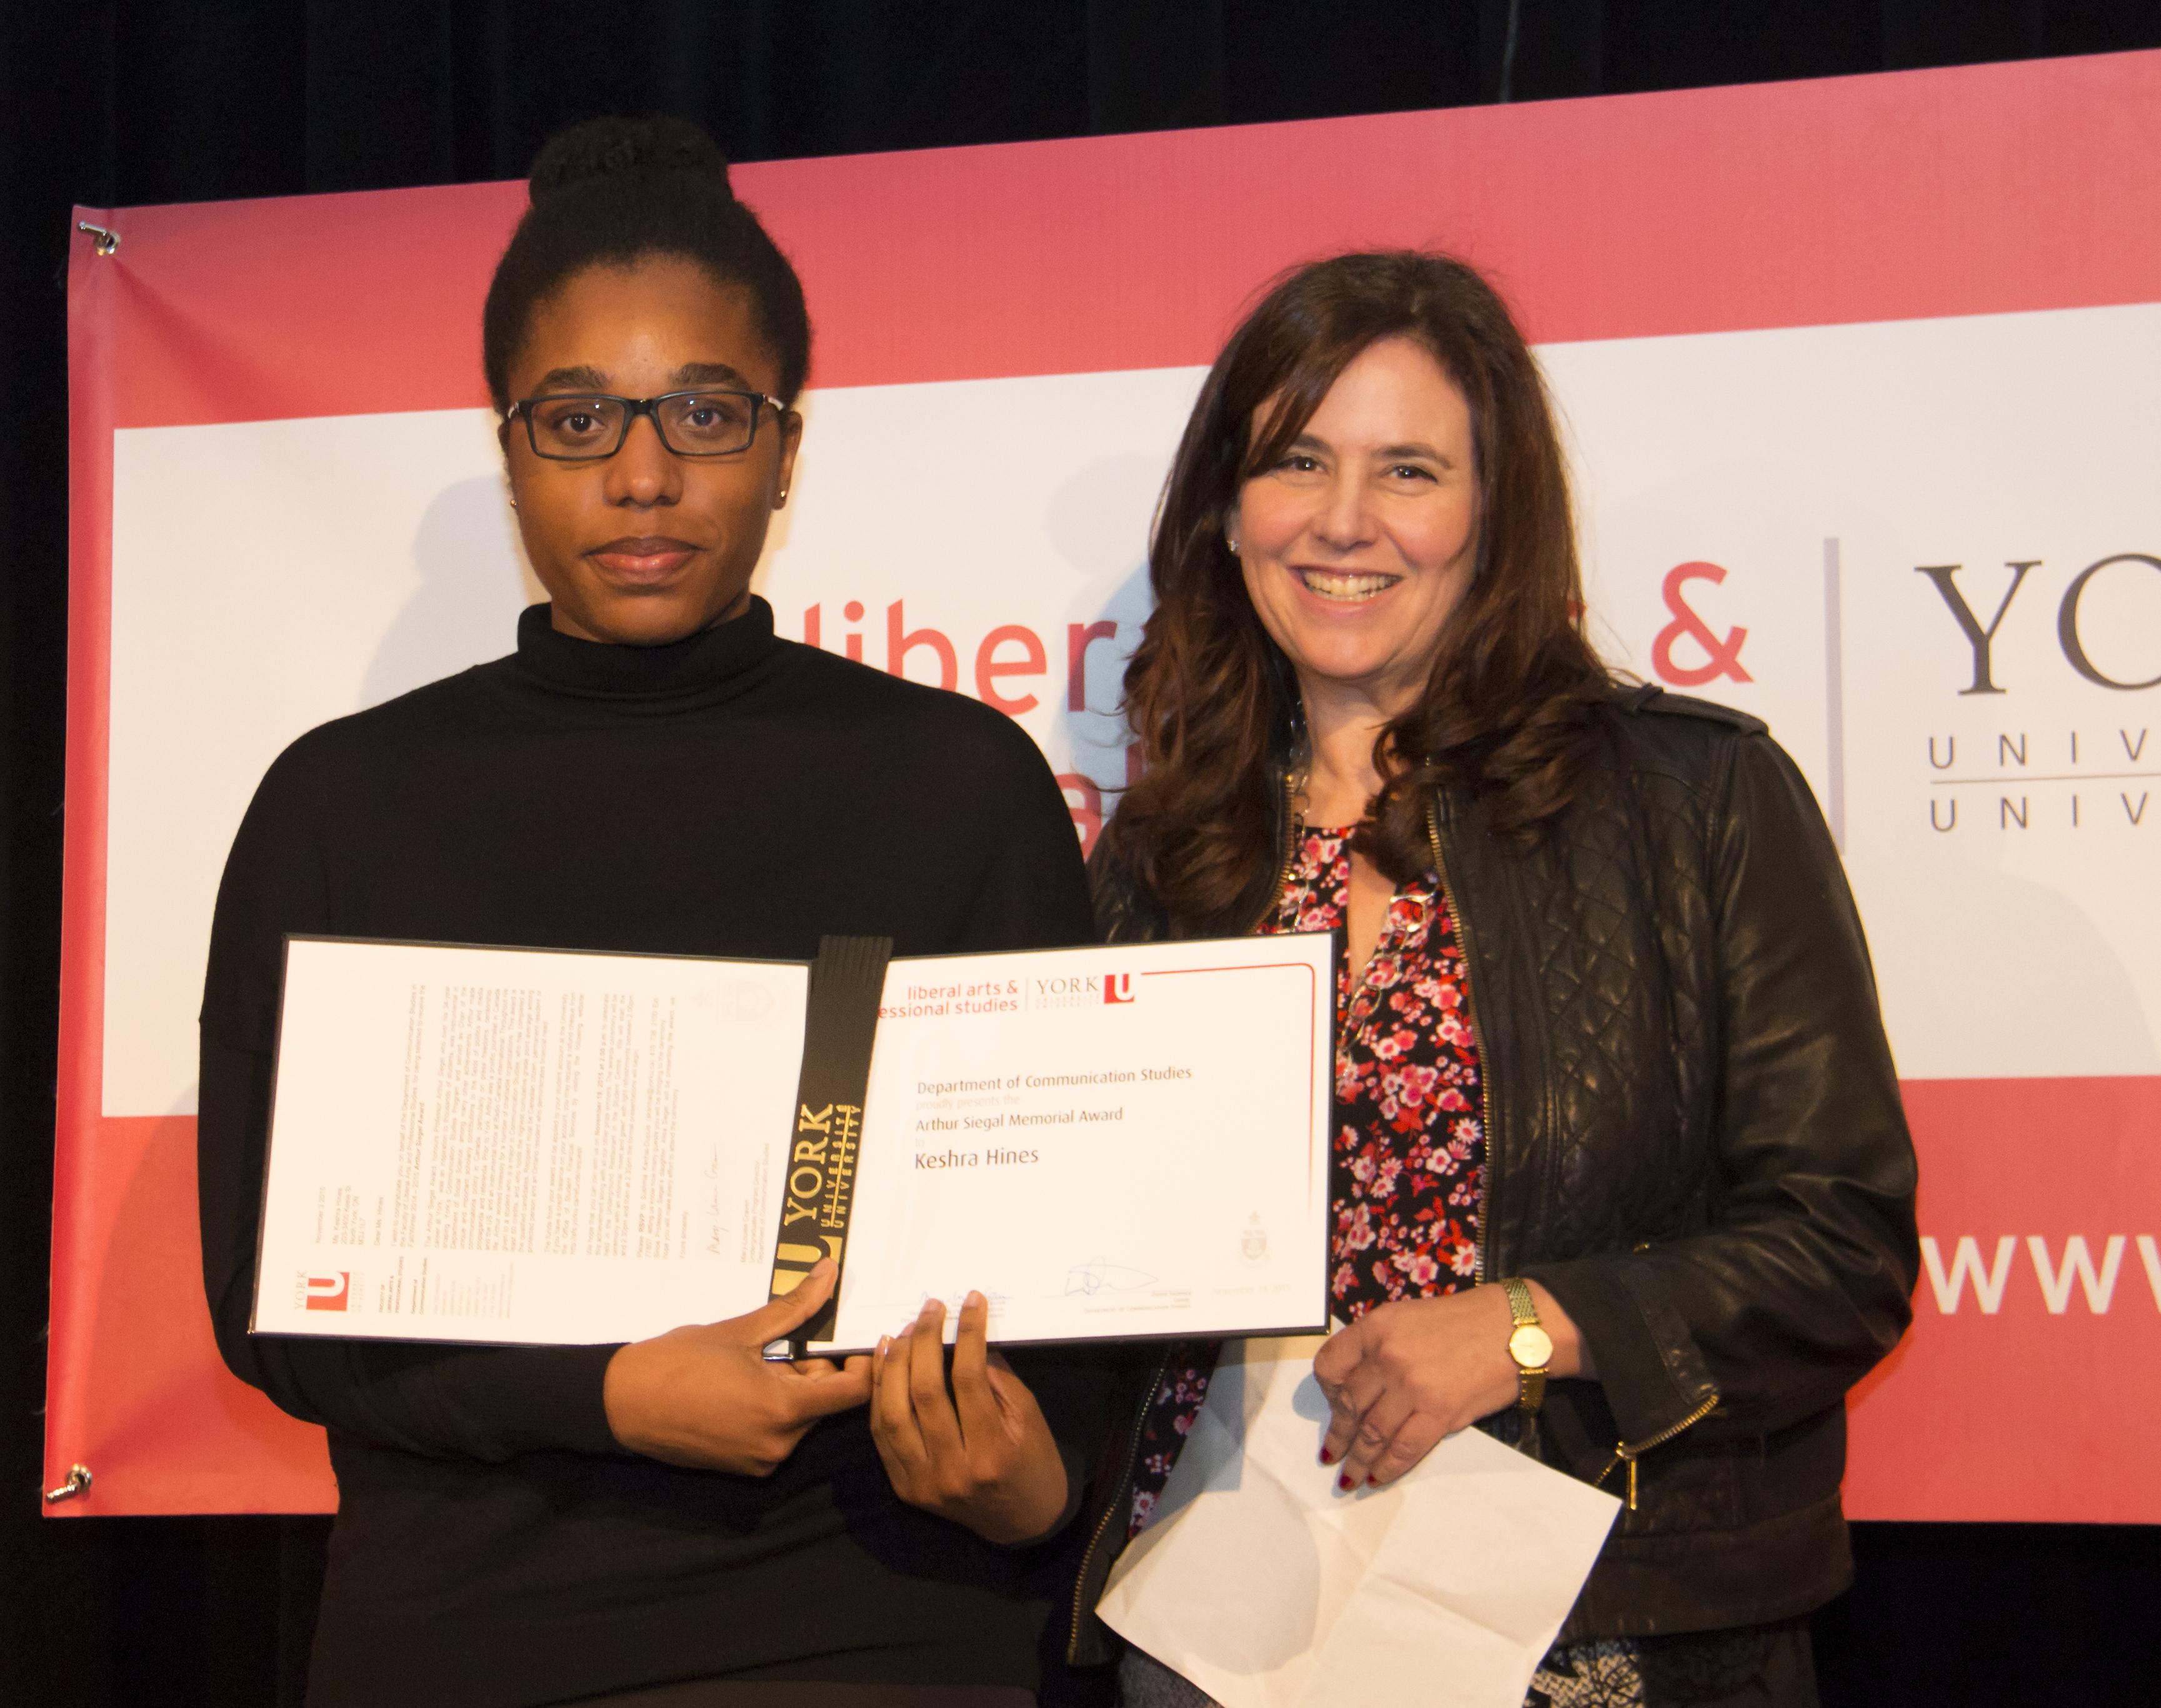 Arthur Seigel Memorial Award Alisa Siegle and Keshra Hines